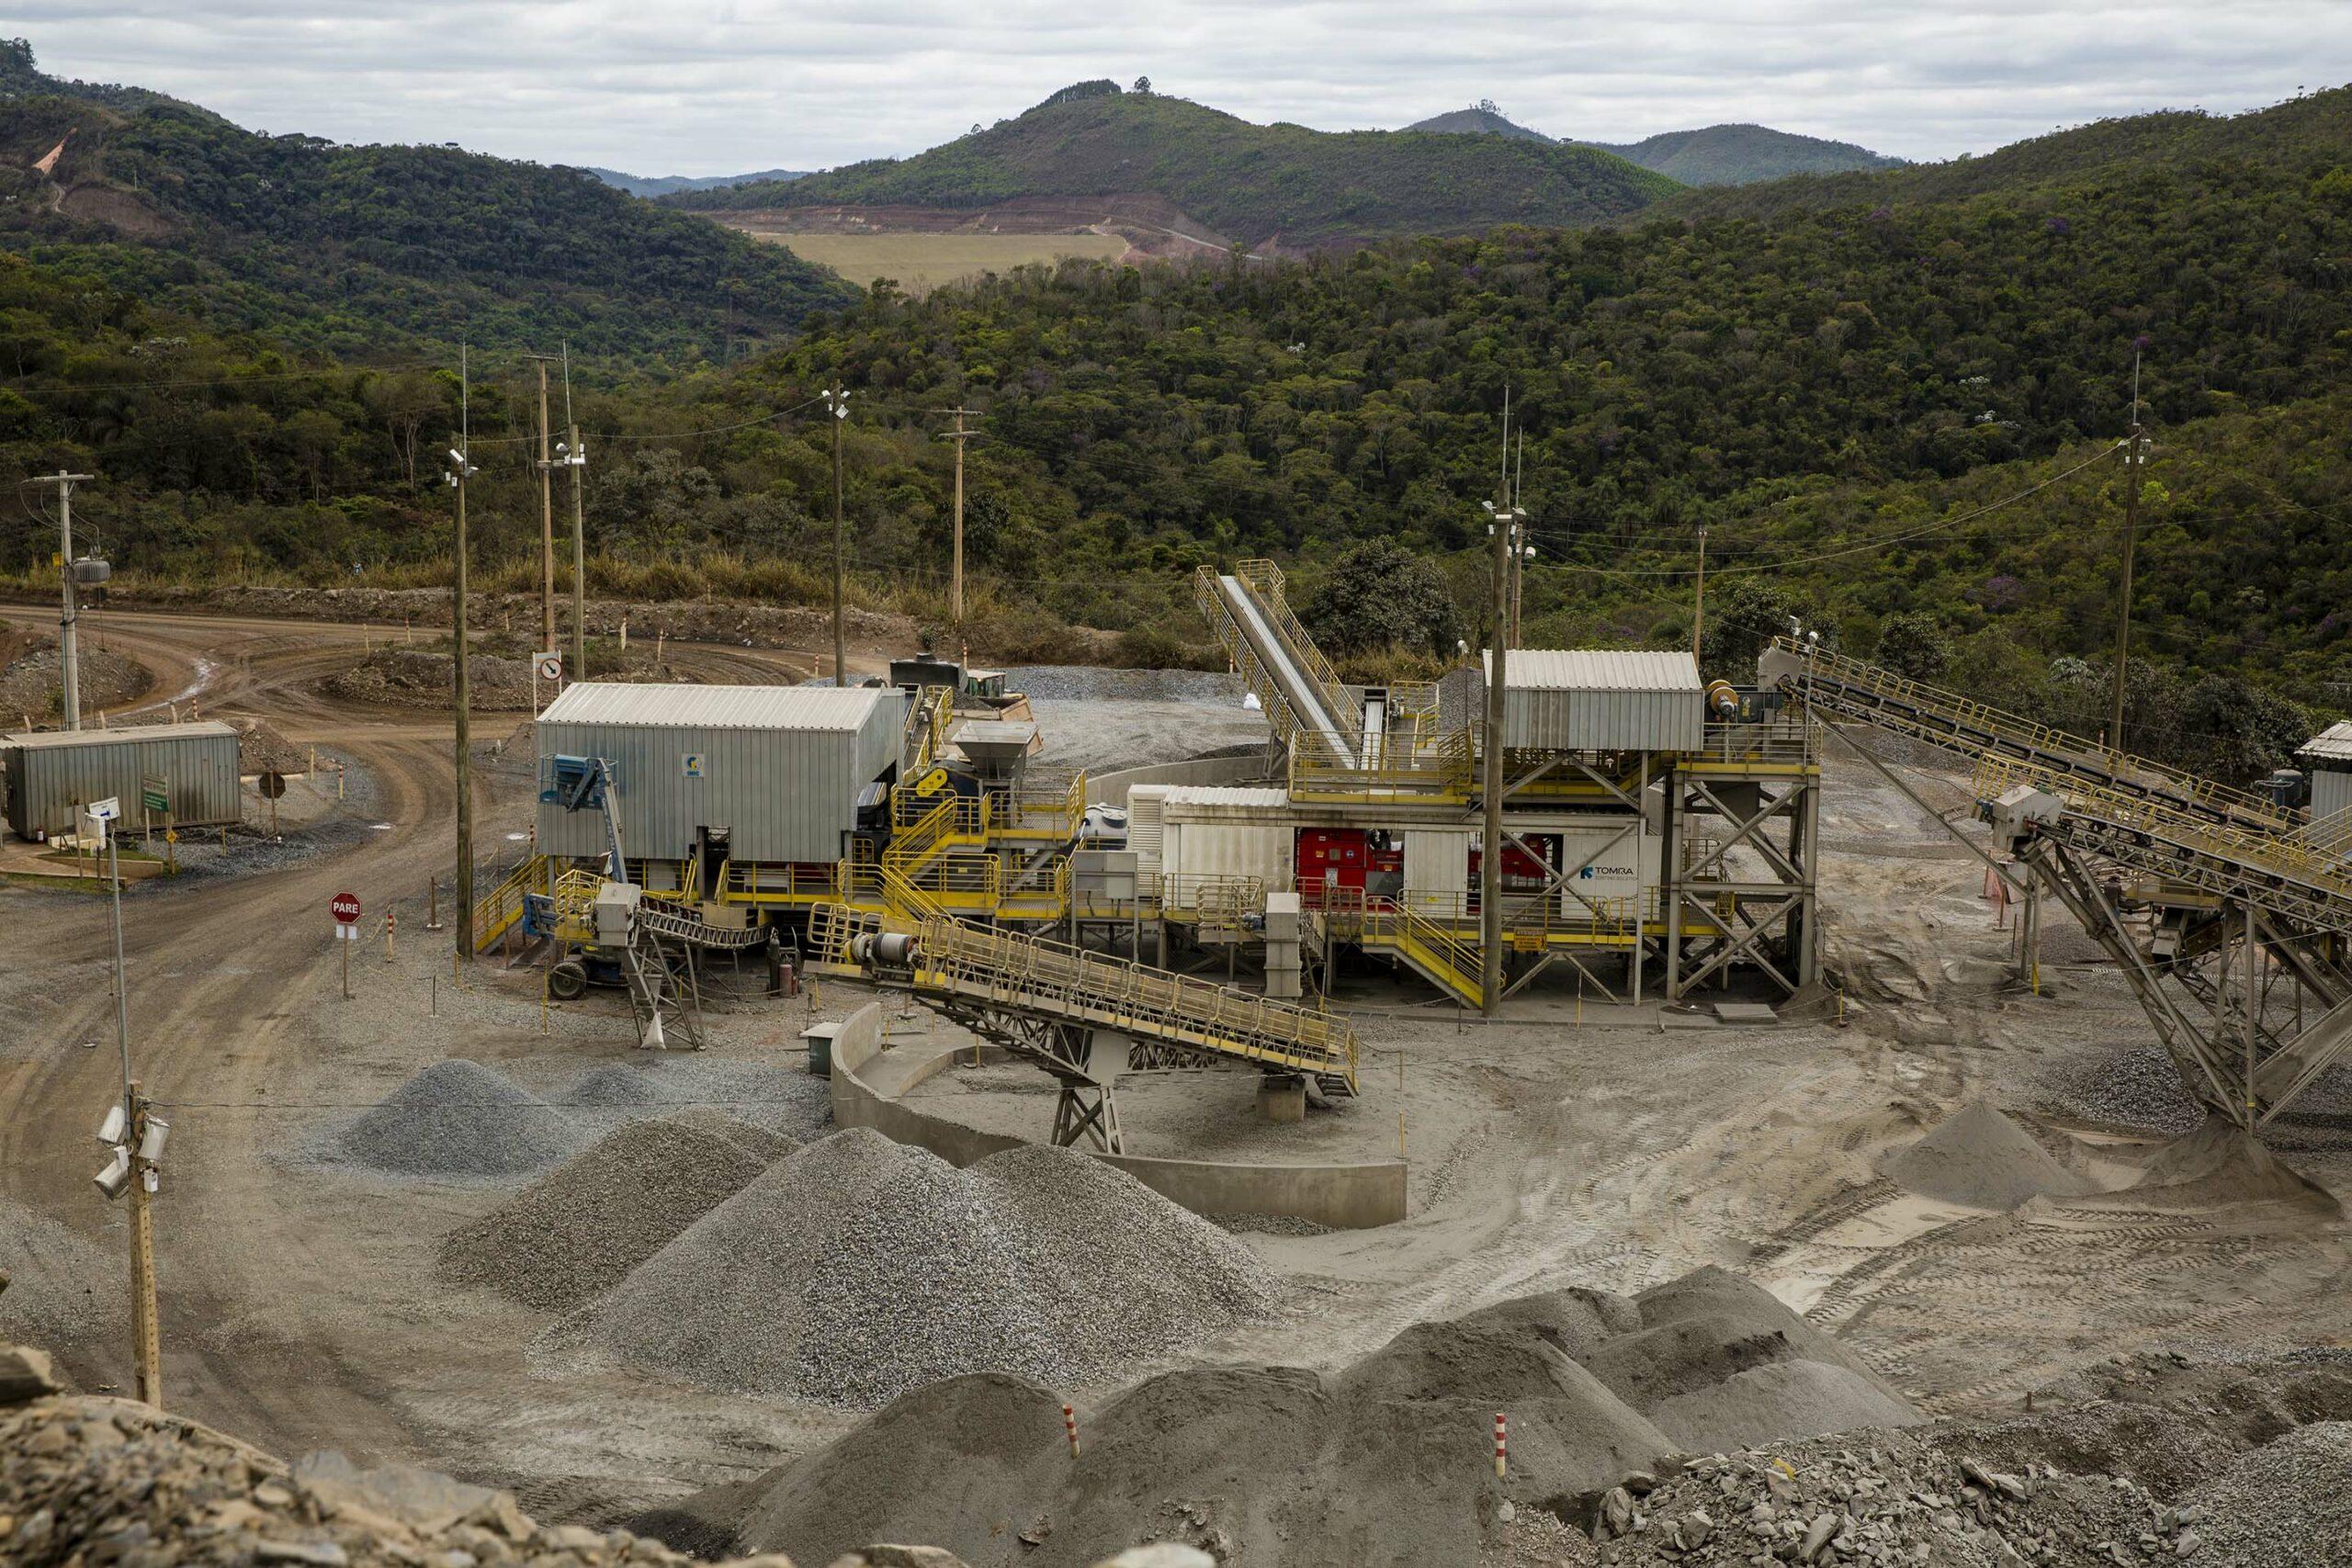 Procurando emprego? mineradora em MG abre vagas